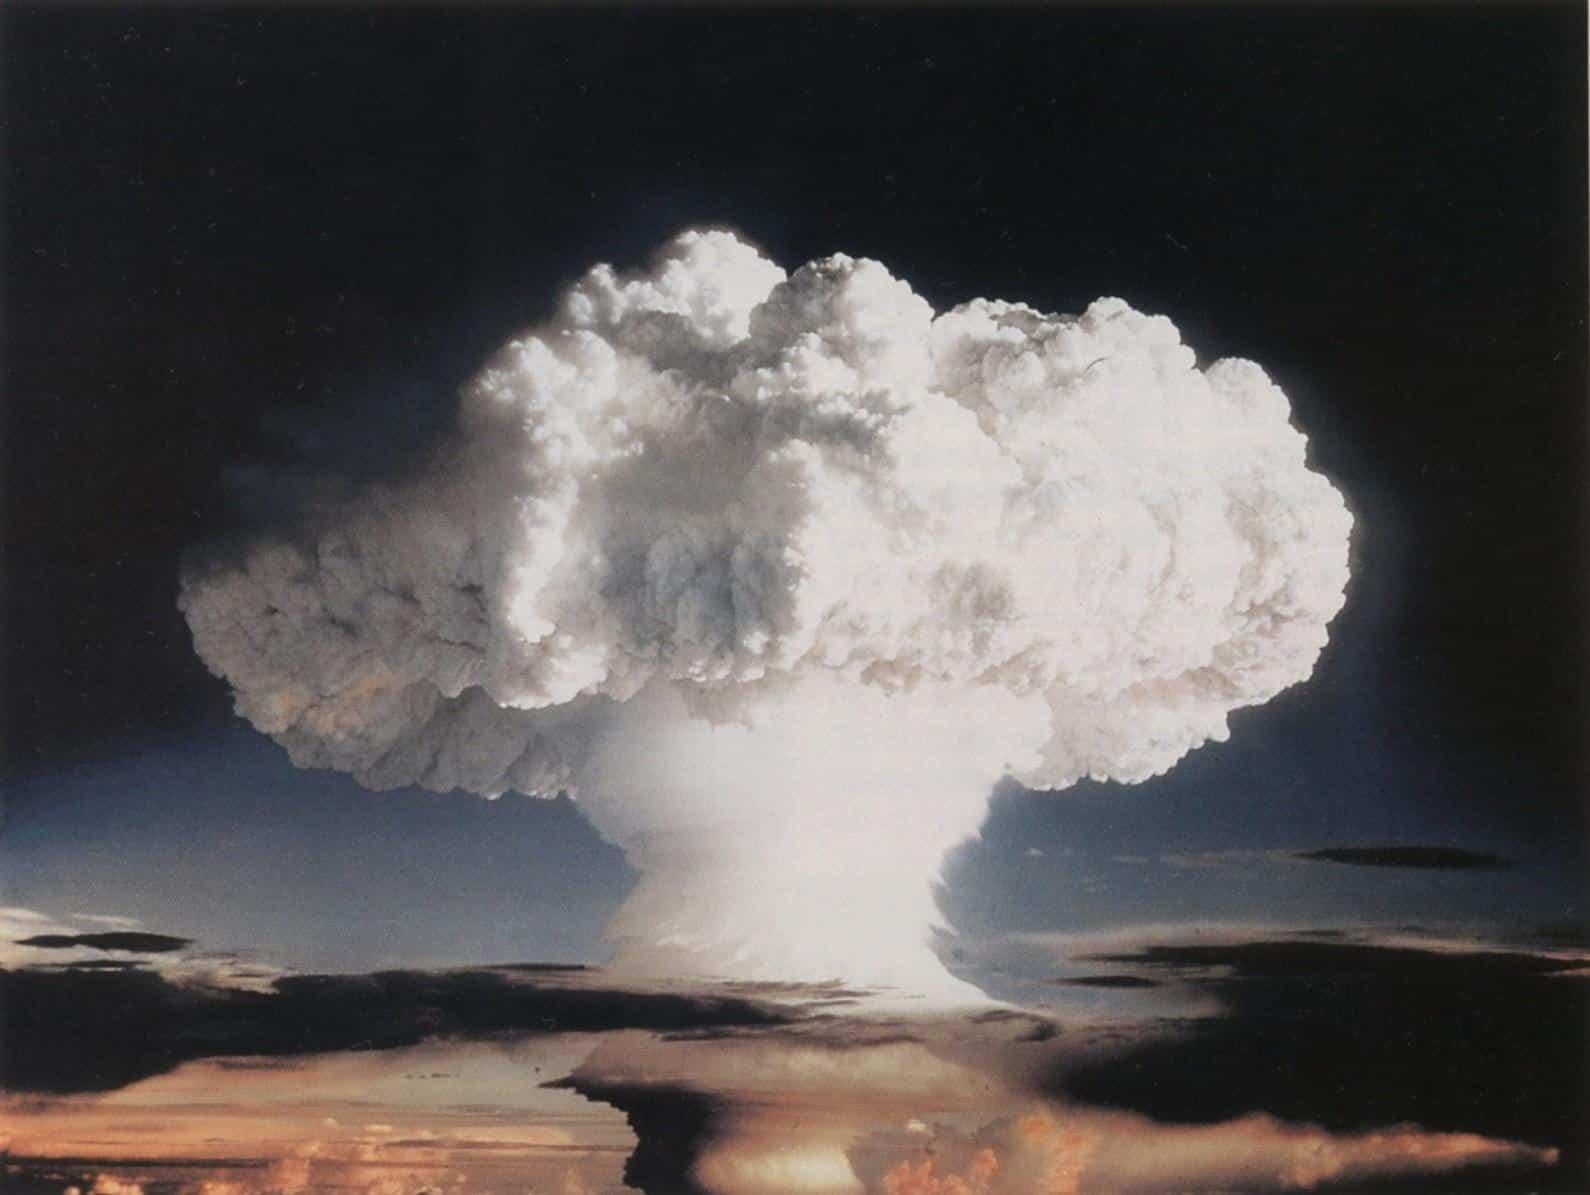 Hur man överlever en terroristattack med kärnvapen